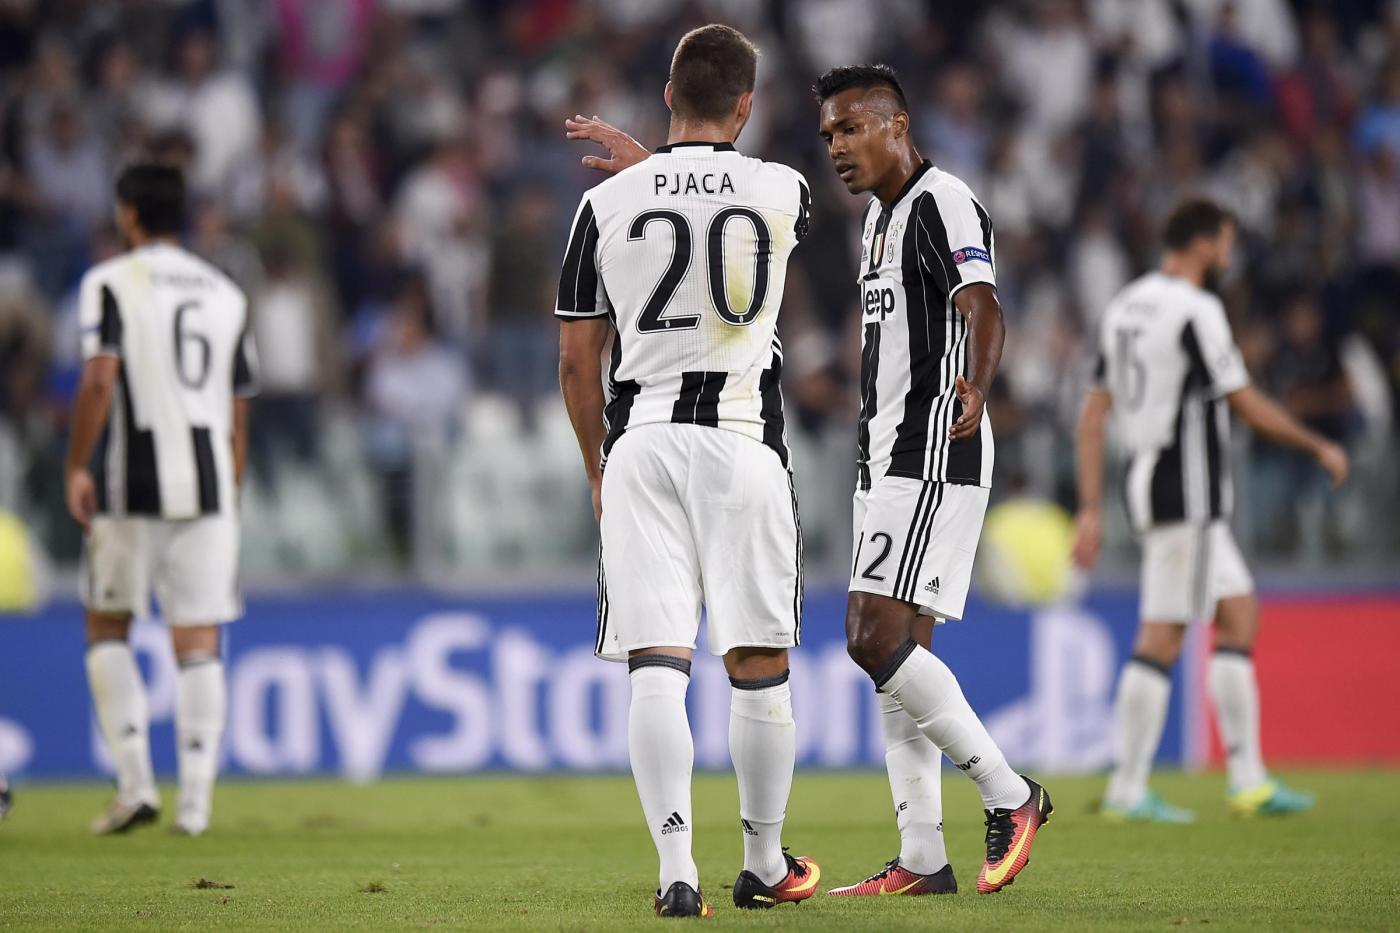 Infortunio Pjaca, veleno sulla Juventus: che schiaffo dal medico della Croazia!